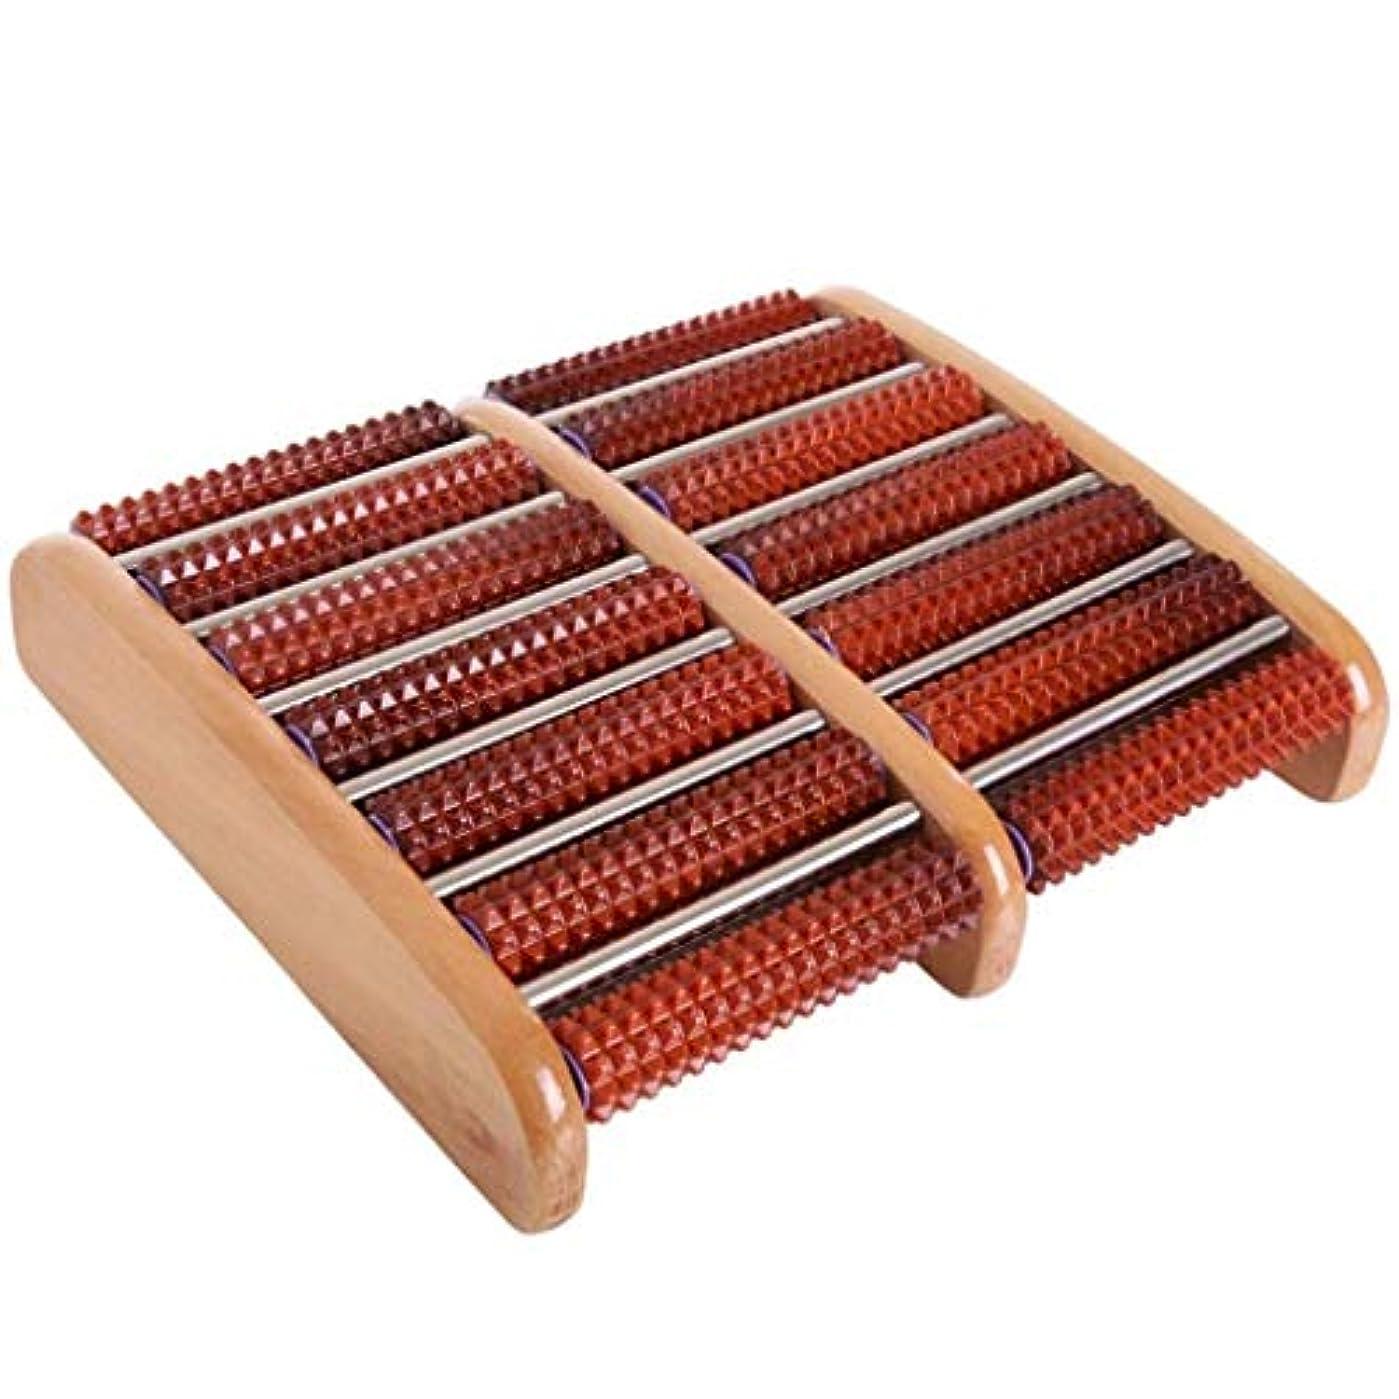 のぞき穴フェード花弁足裏筋膜炎のための圧力/かかととアーチの痛みを和らげ、筋肉をリラックスさせ、フットマッサージャーをする木製のフットマッサージローラー (Color : A)